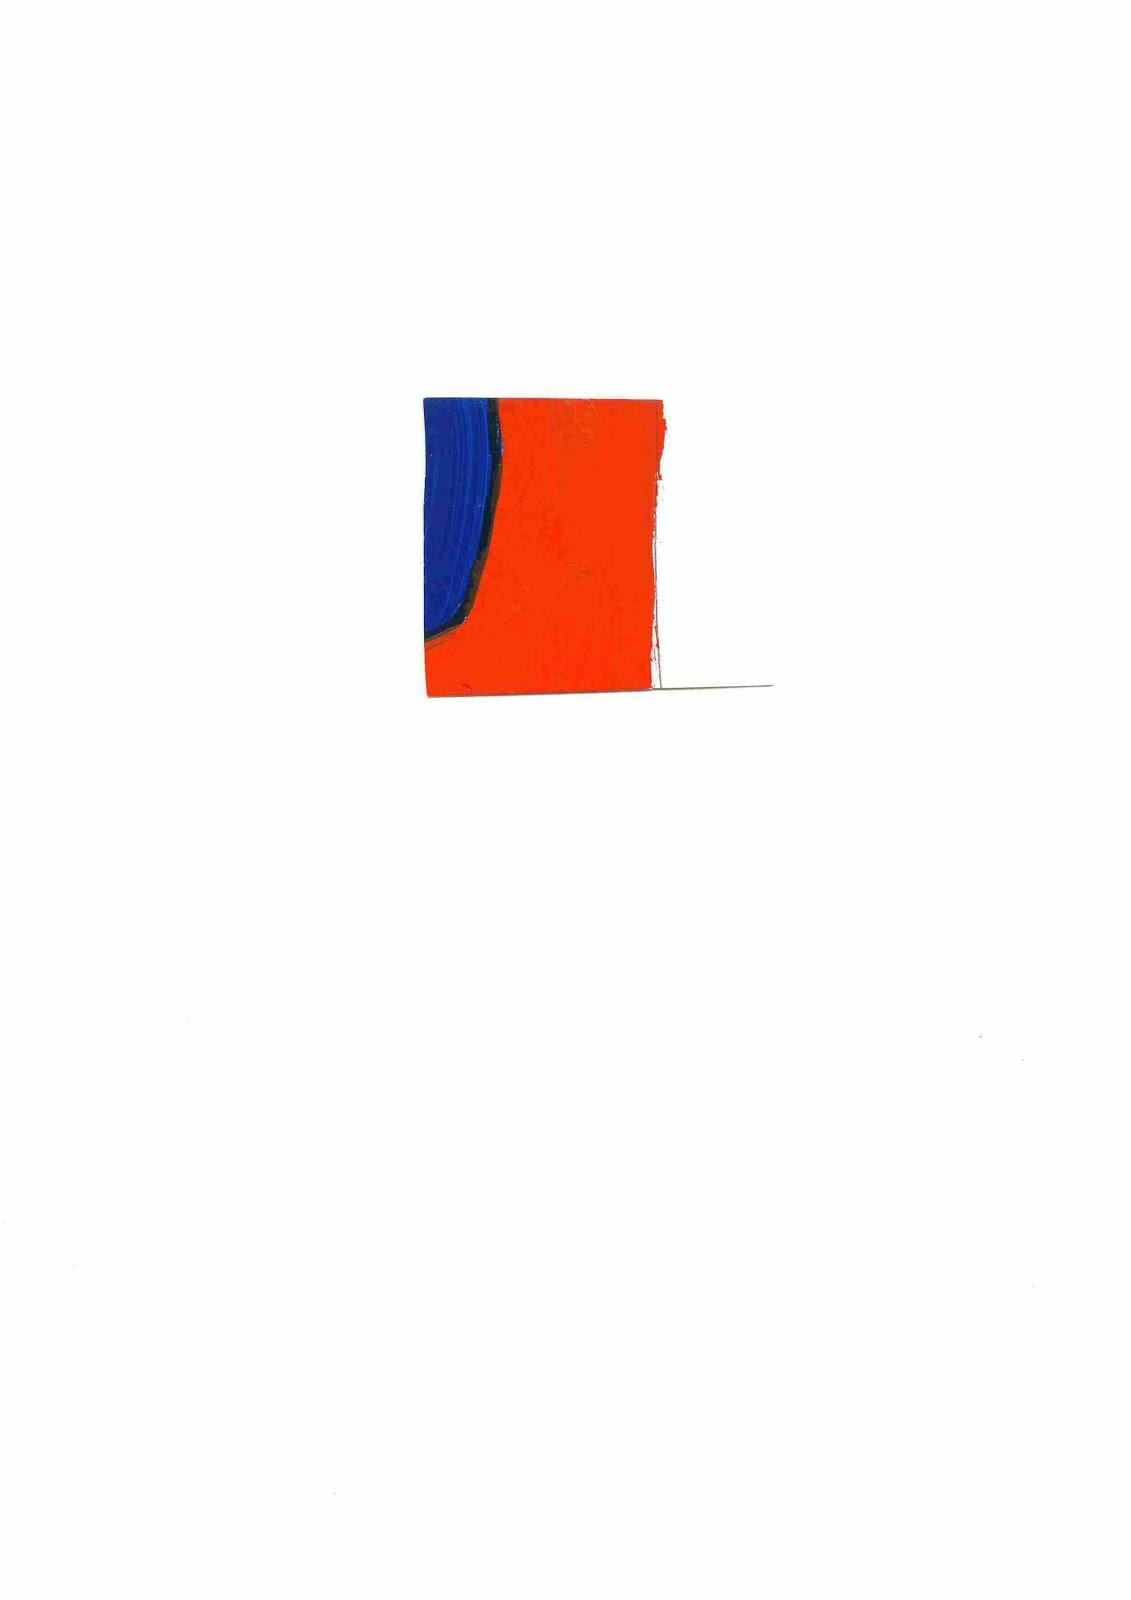 SOLIDARITÉ mischa vetere erika burkart bml PARIS attentats hébdo charlie trois couleurs